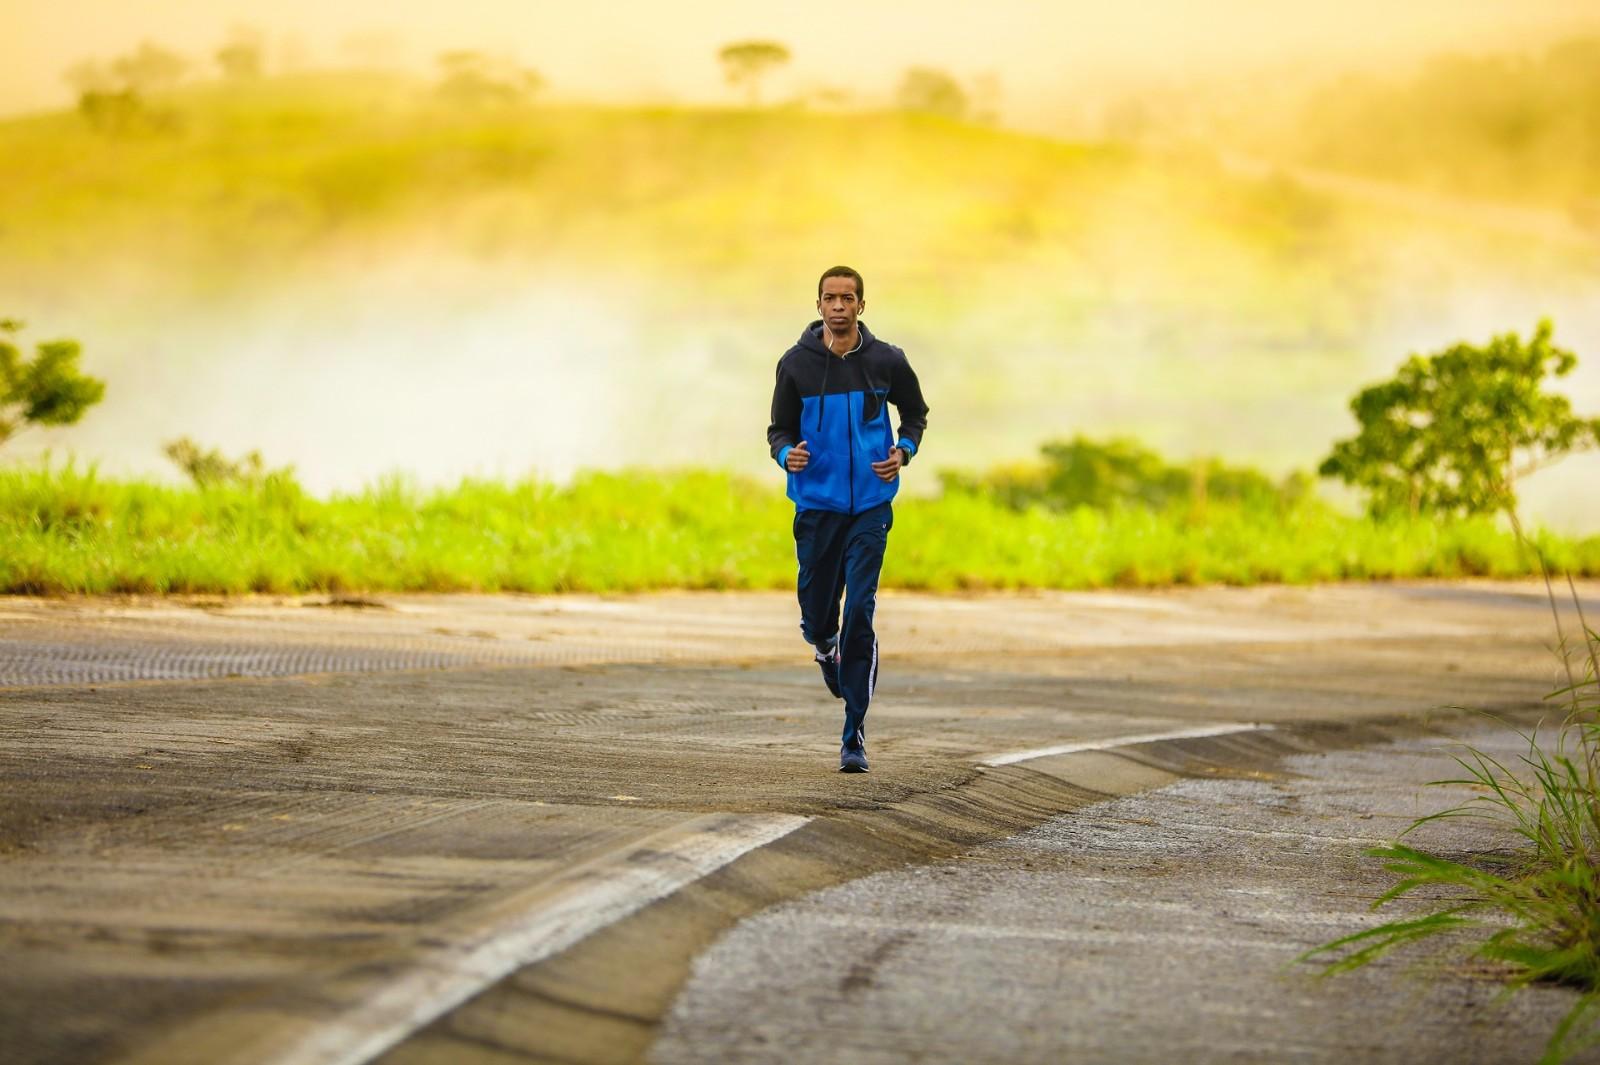 学会这样跑步,更健康